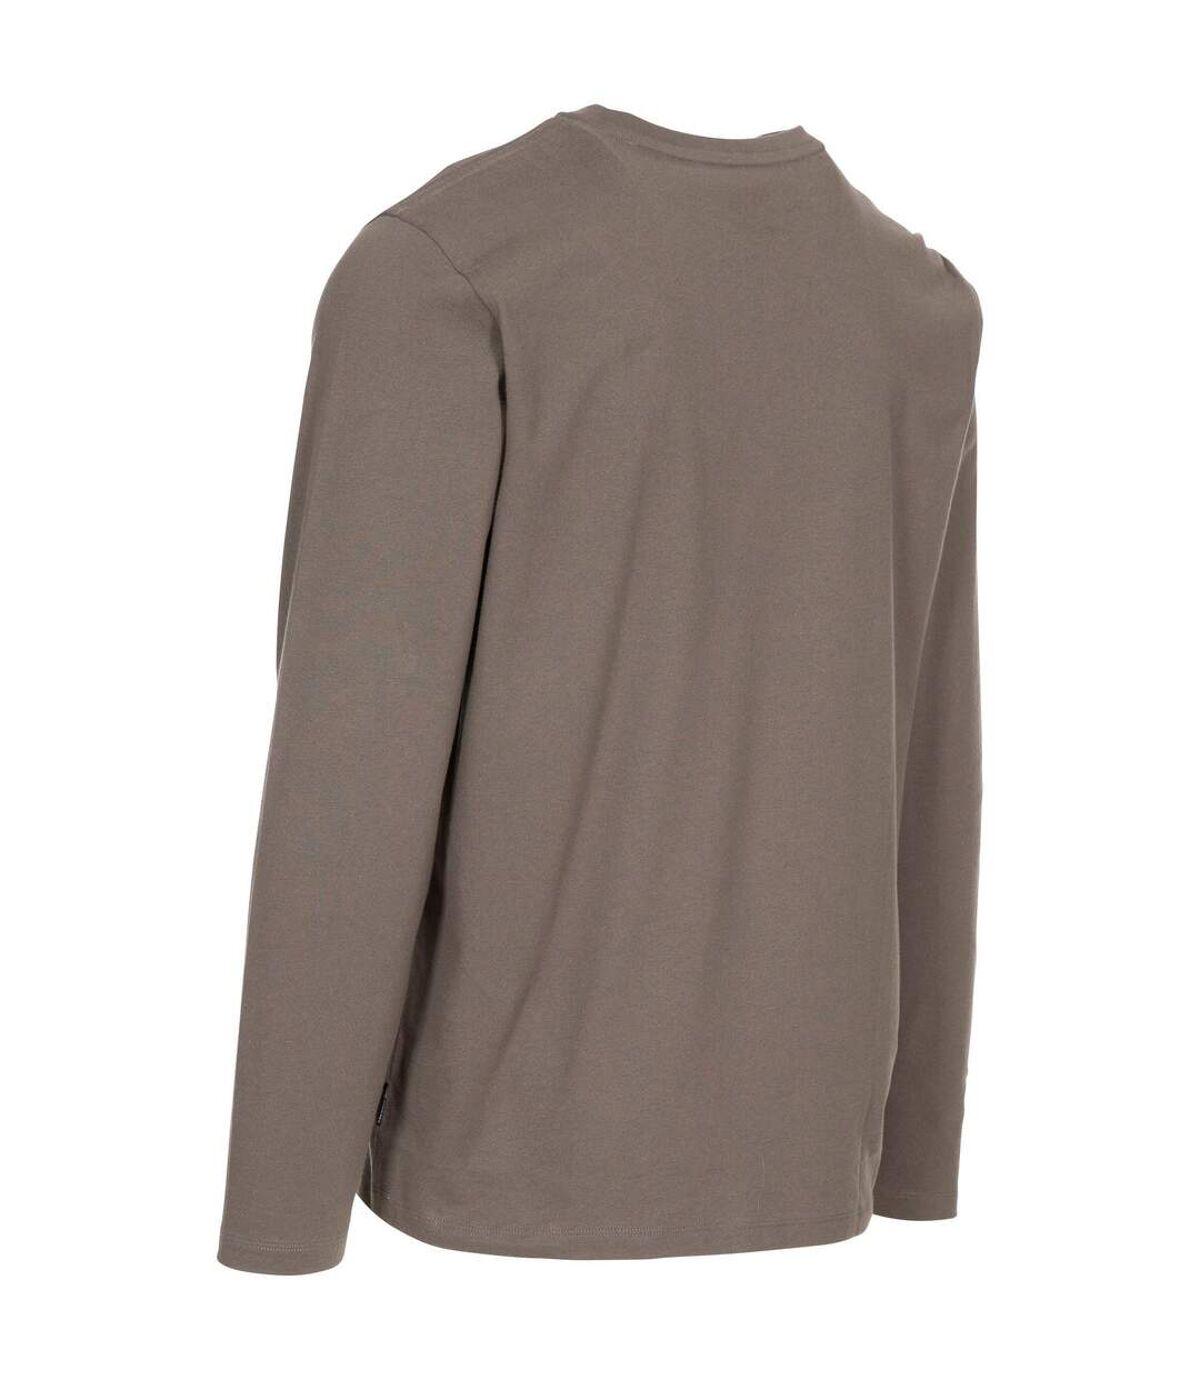 Trespass Mens Wrenburyton Long-Sleeved T-Shirt (Khaki) - UTTP5243